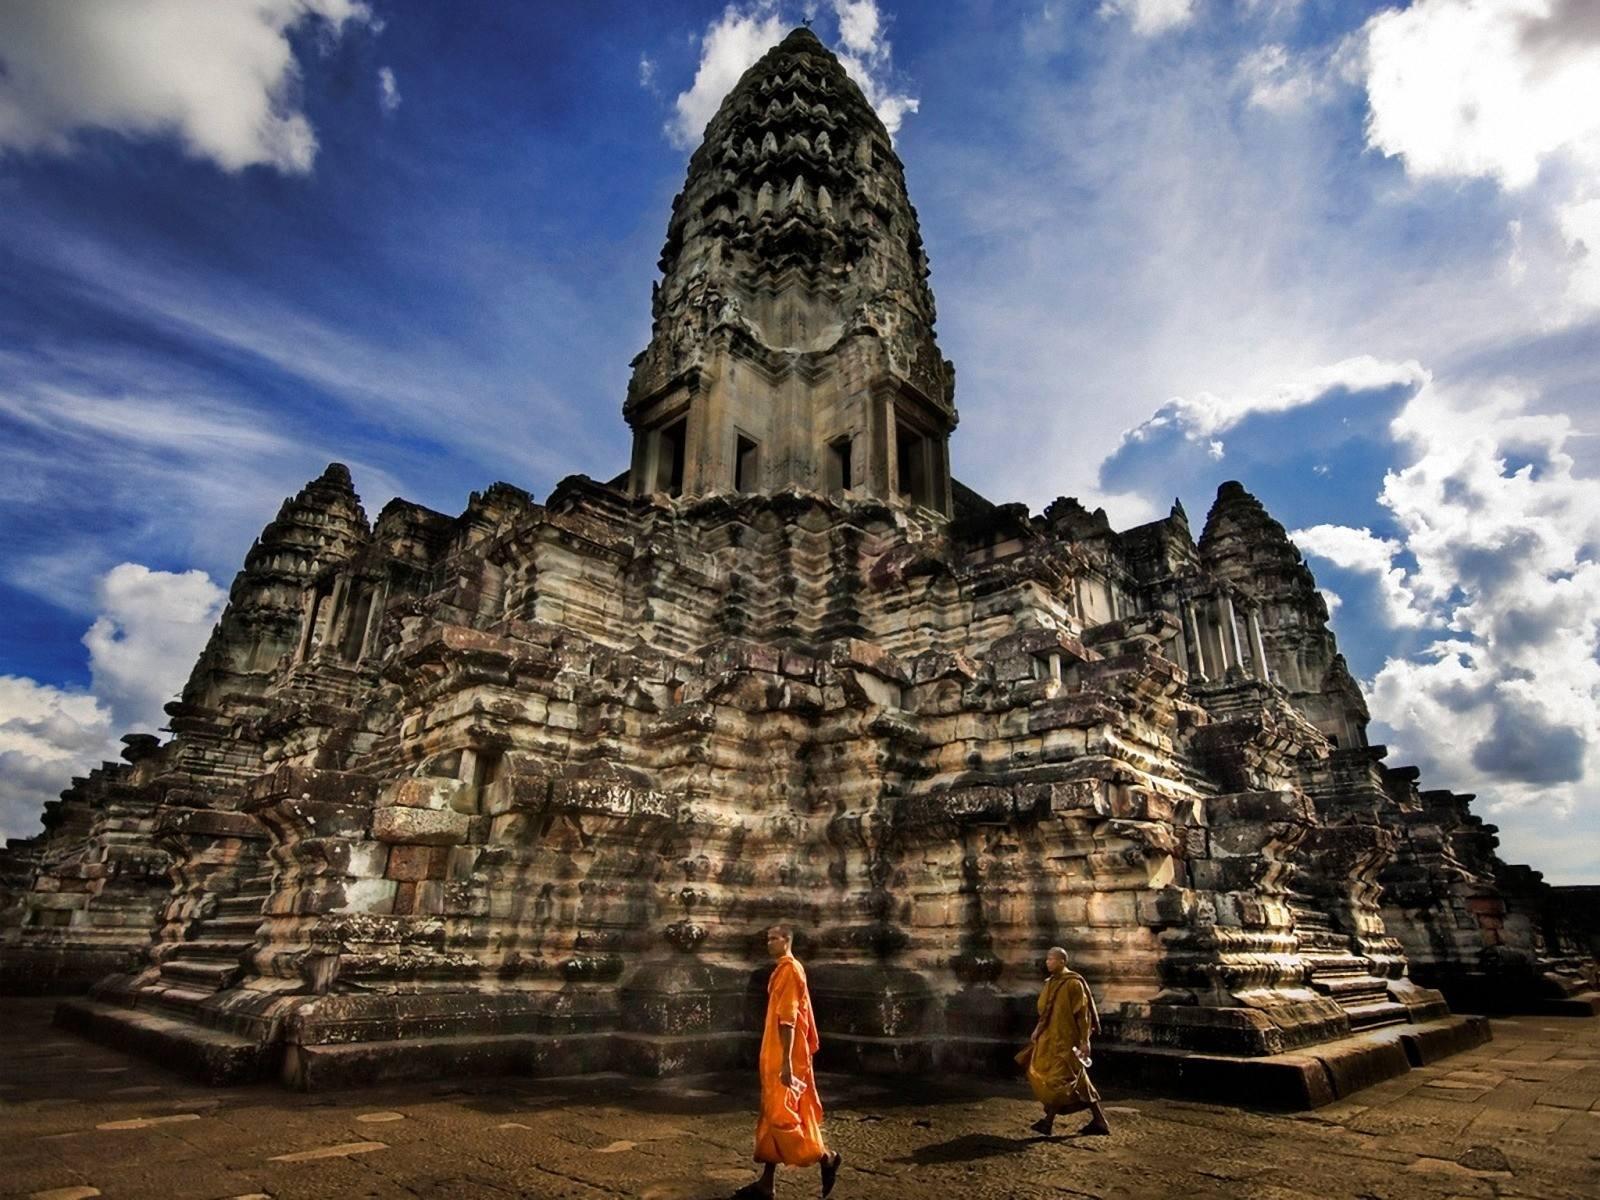 【柬埔寨】柬埔寨6天五星纯玩之旅